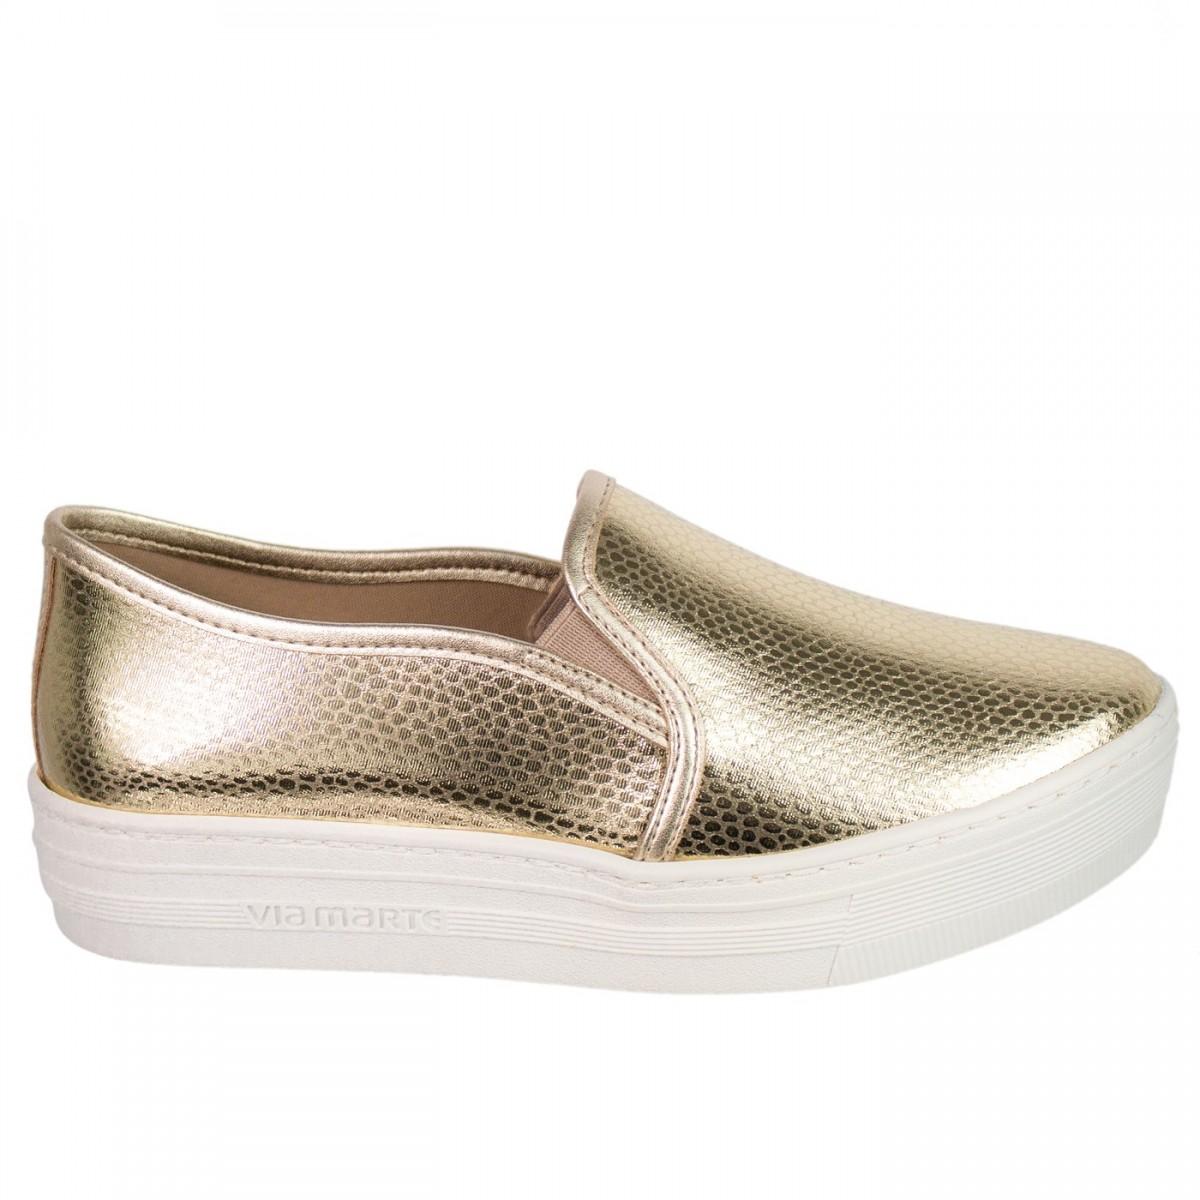 36d813130 Bizz Store - Tênis Slip On Feminino Via Marte Plataforma Dourado